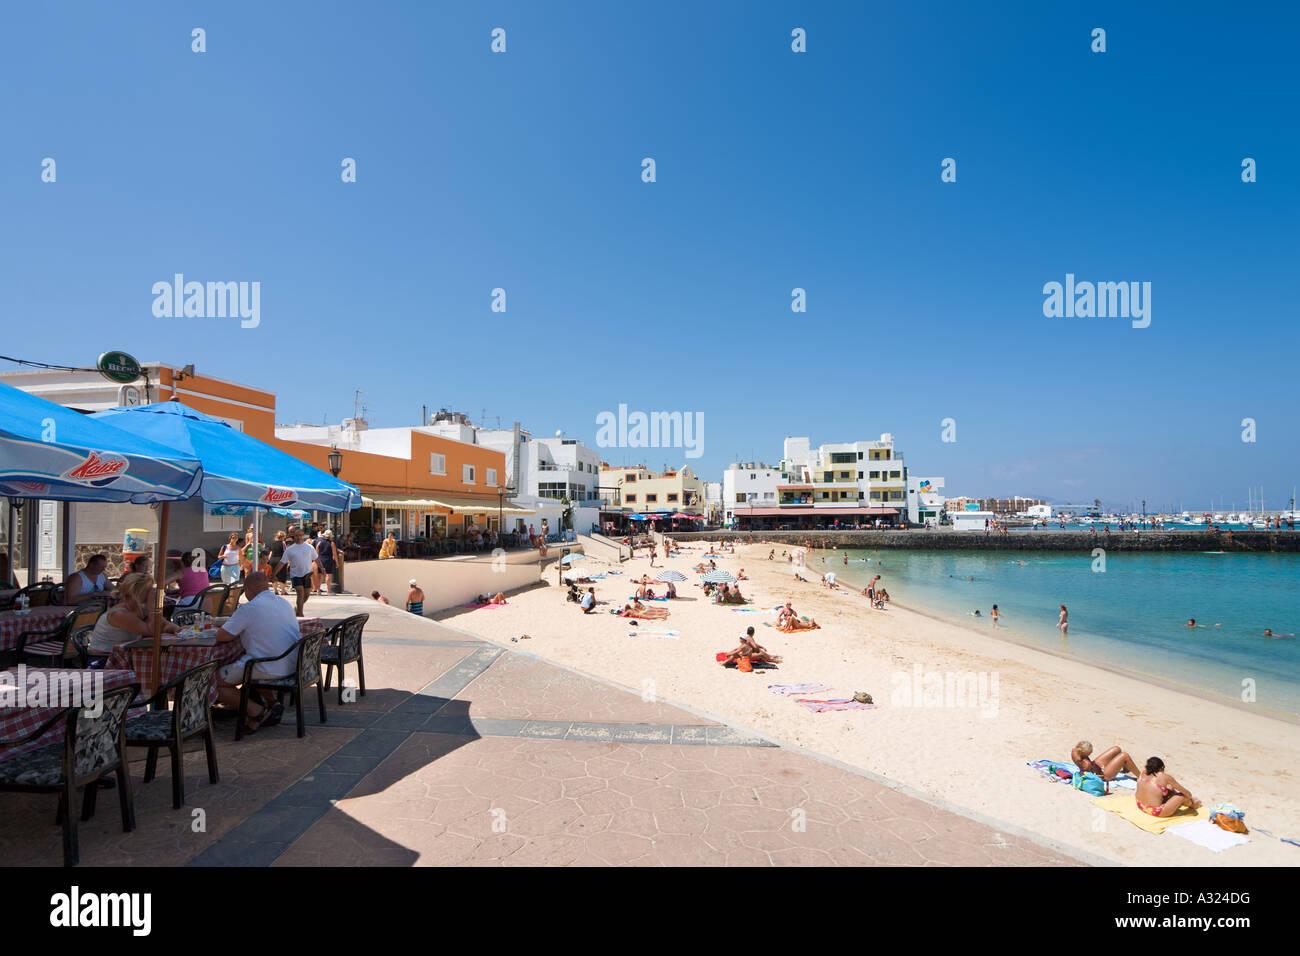 Strand, Promenade und Café im Resort im Zentrum, Corralejo, Fuerteventura, Kanarische Inseln, Spanien Stockbild